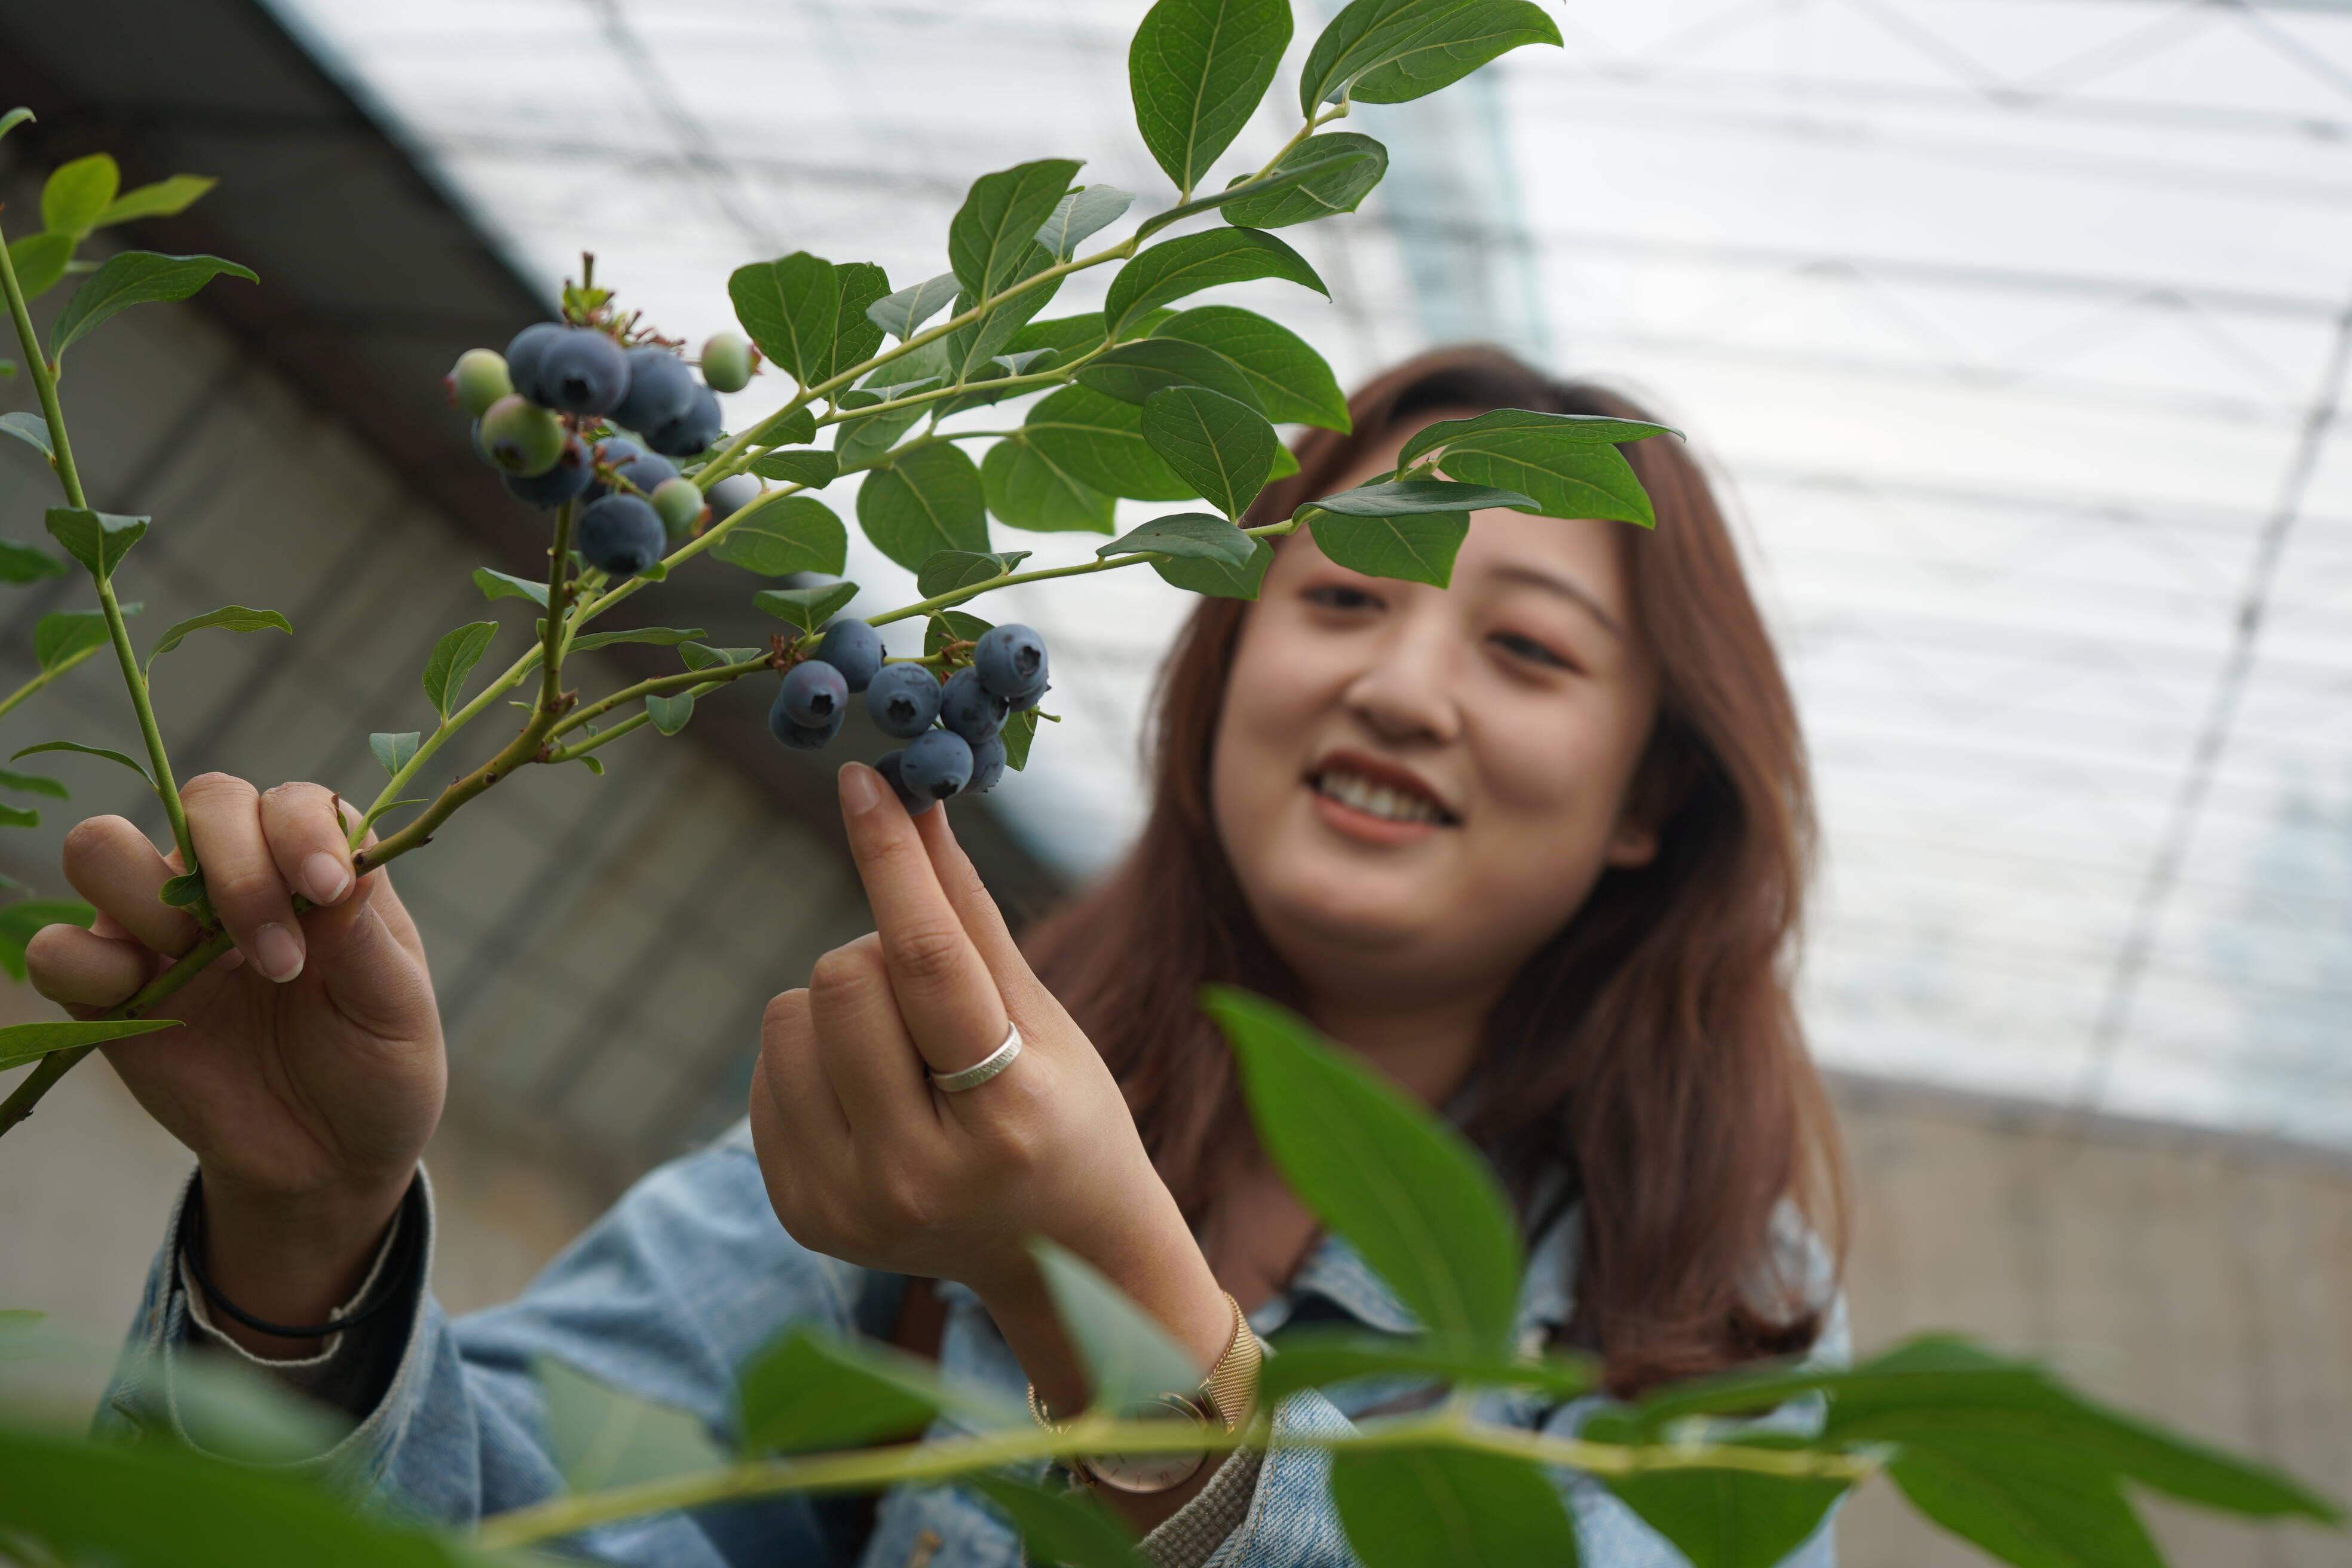 森茂常源蓝莓园内正在采摘蓝莓的游客(记者 李凤仪 摄)